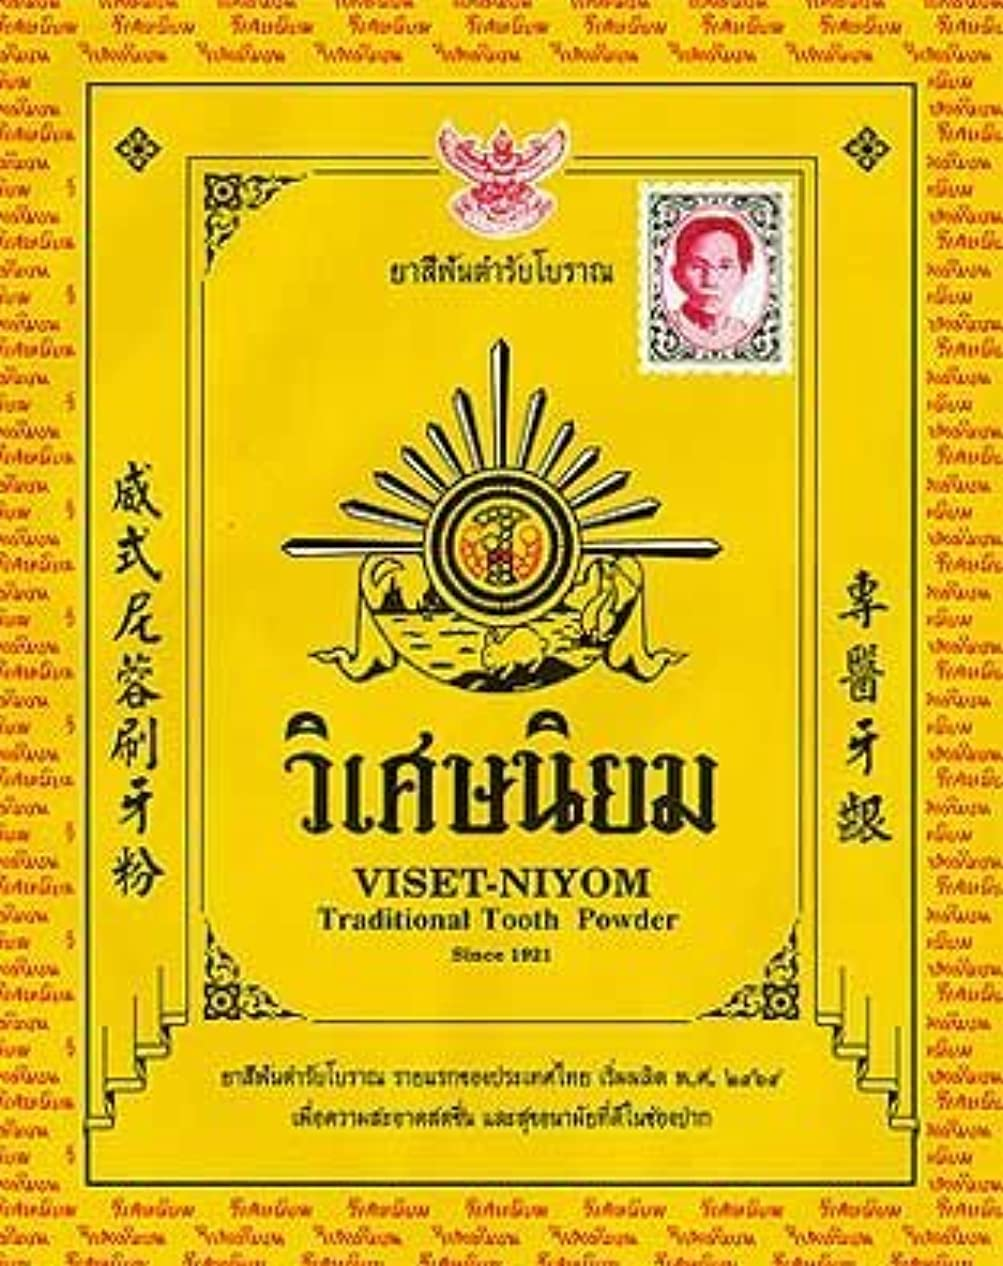 等価救援うがい薬Herbal Whitening Tooth Powder Thai Original Traditional Toothpaste 40 G. x 2 Packs by Viset Niyom Tooth Powder